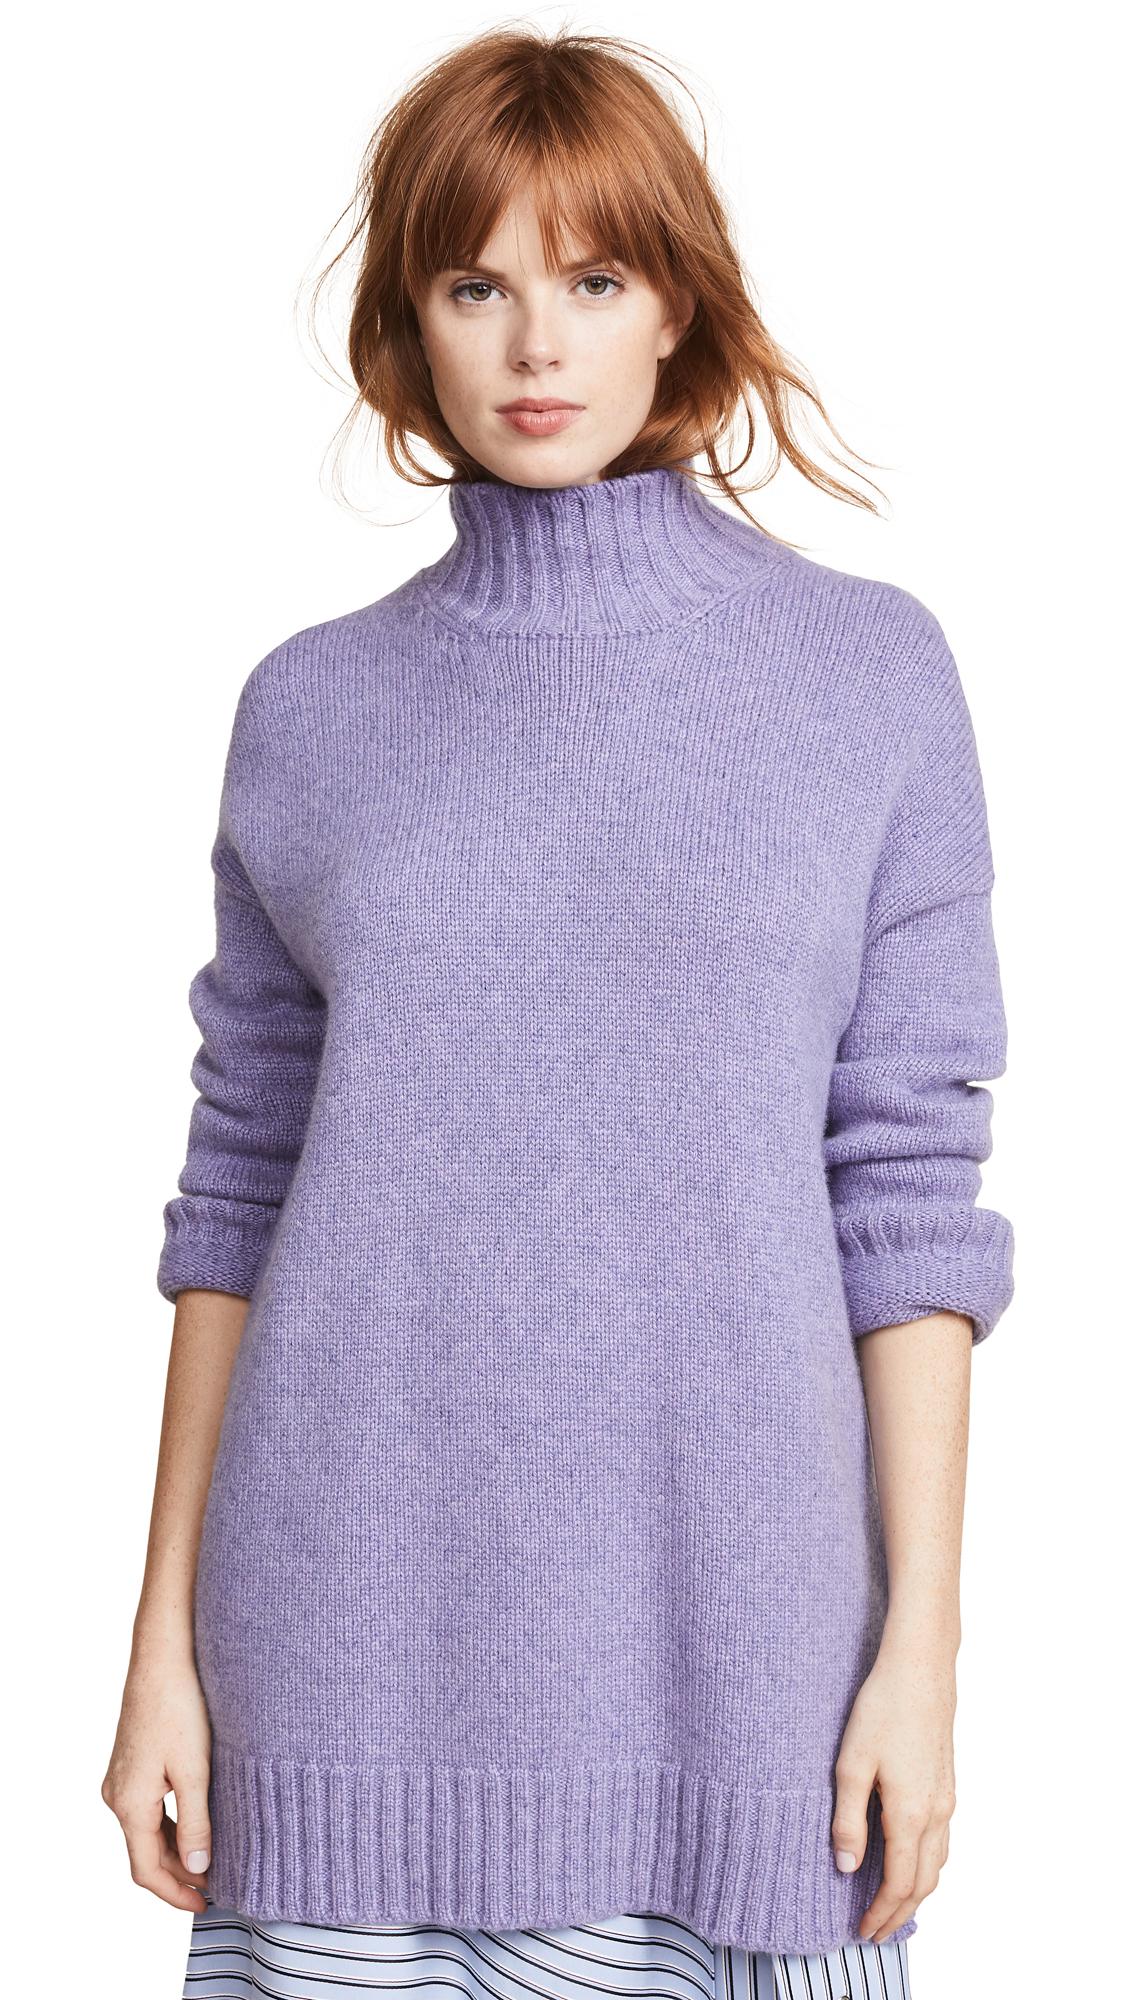 Pringle of Scotland Roll Neck Sweater In Lavender